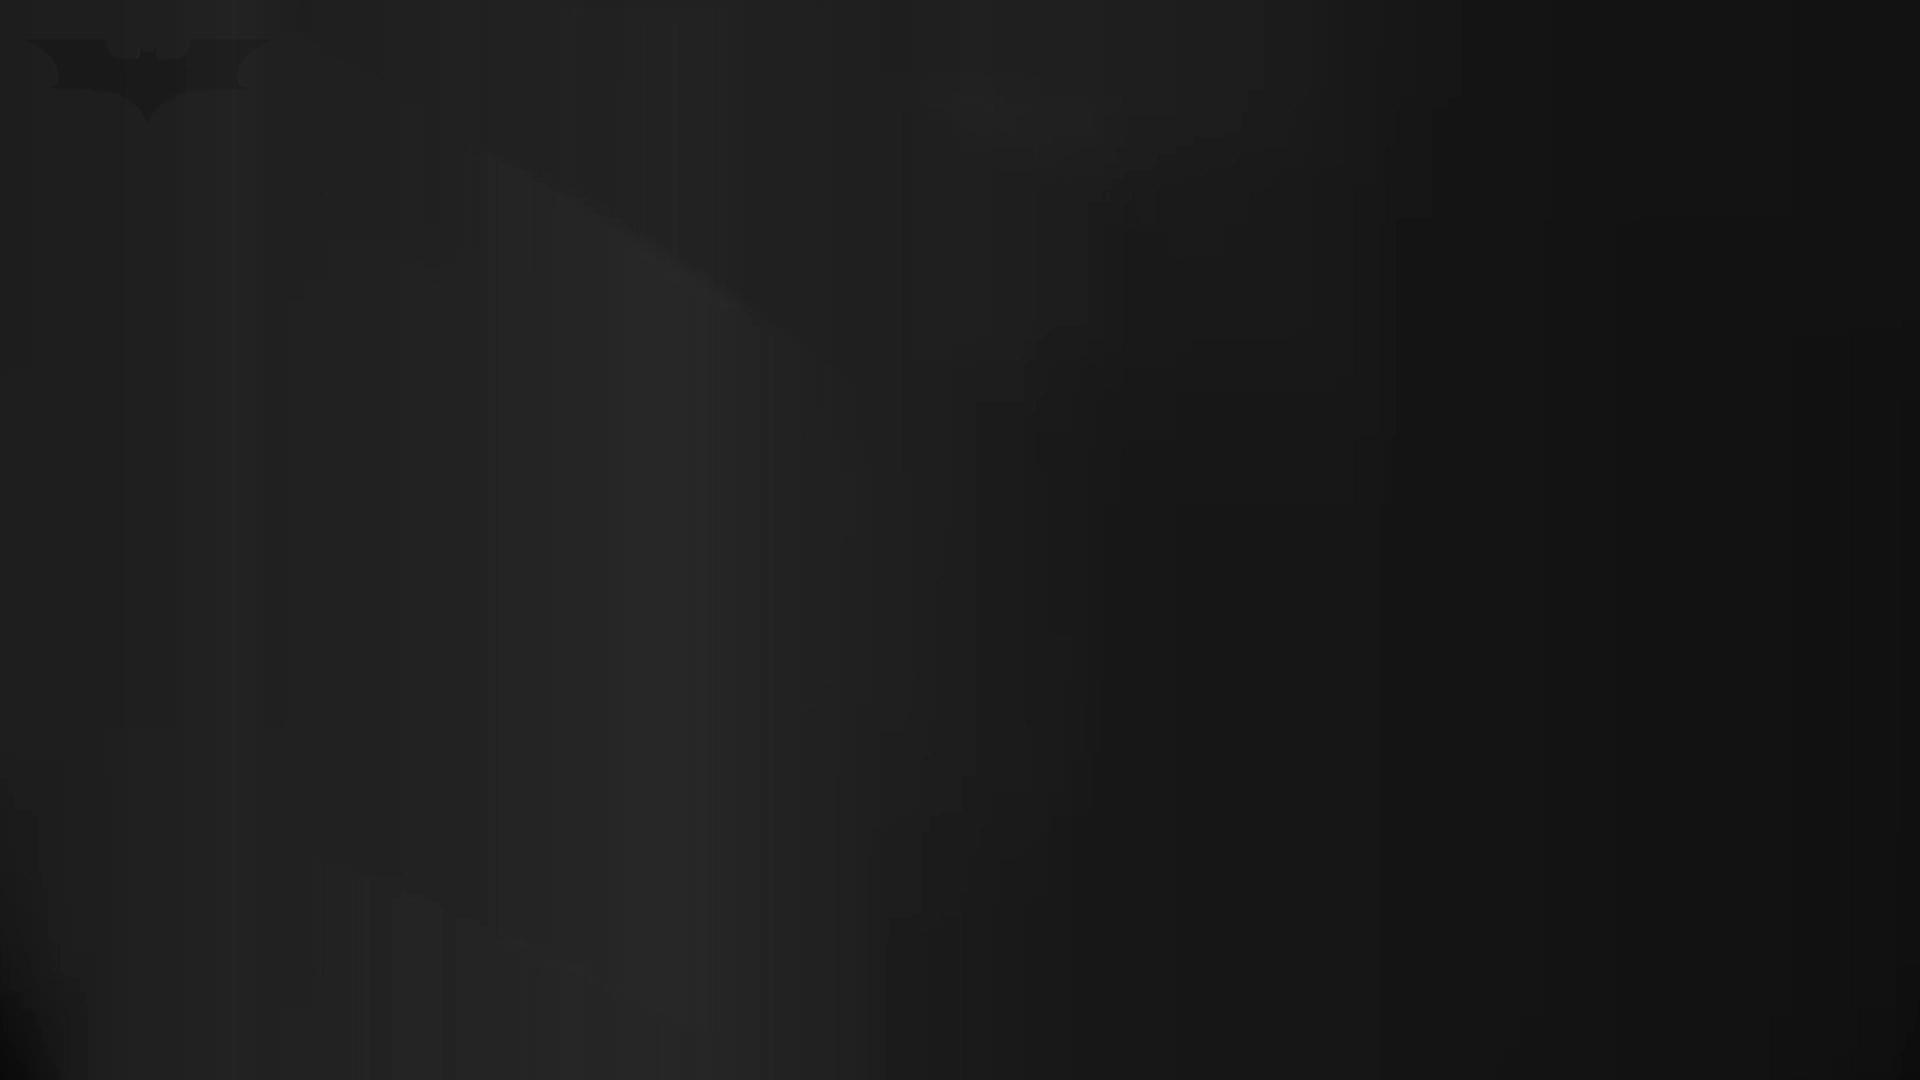 洗面所特攻隊 vol.74 last 2総勢16名激撮【2015・29位】 洗面所 AV無料動画キャプチャ 69画像 46